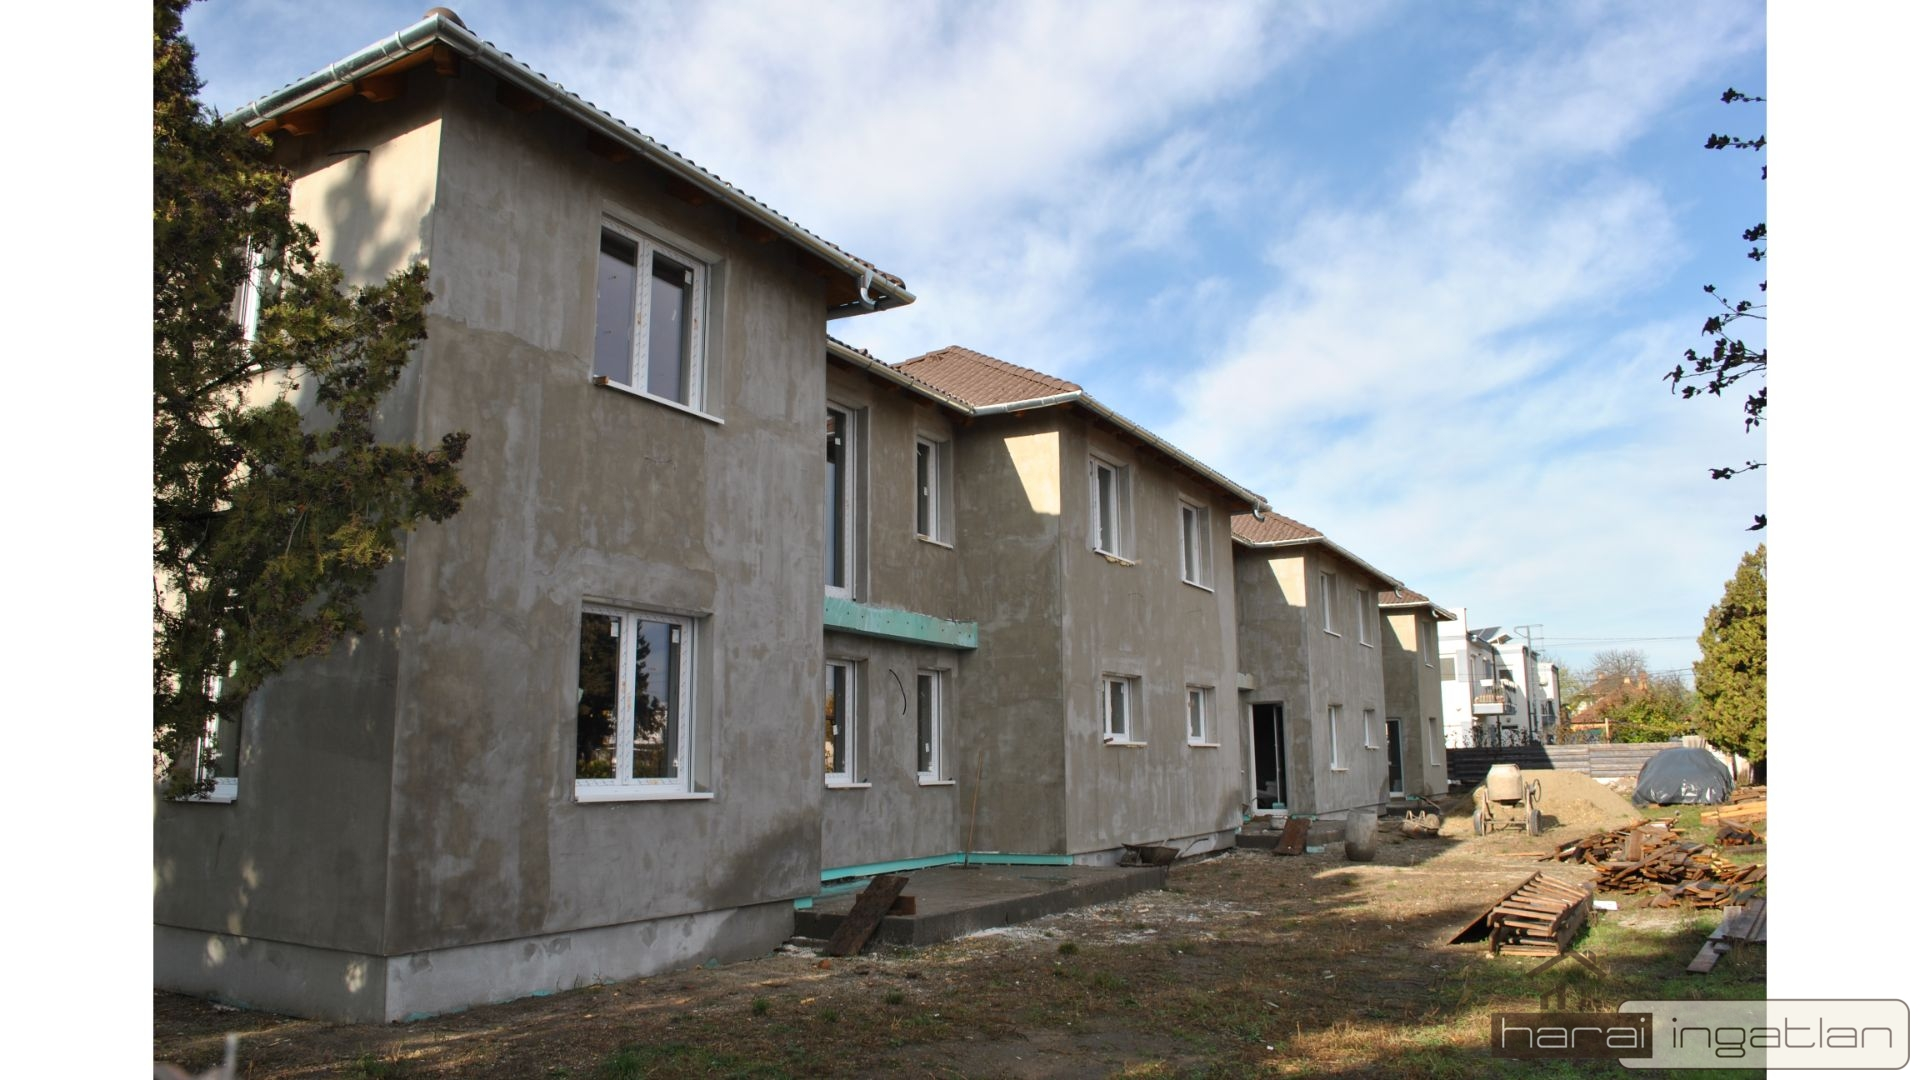 1162 Budapest XVI. Kerület Realestate.16 Eladó Ház (#0301201962)